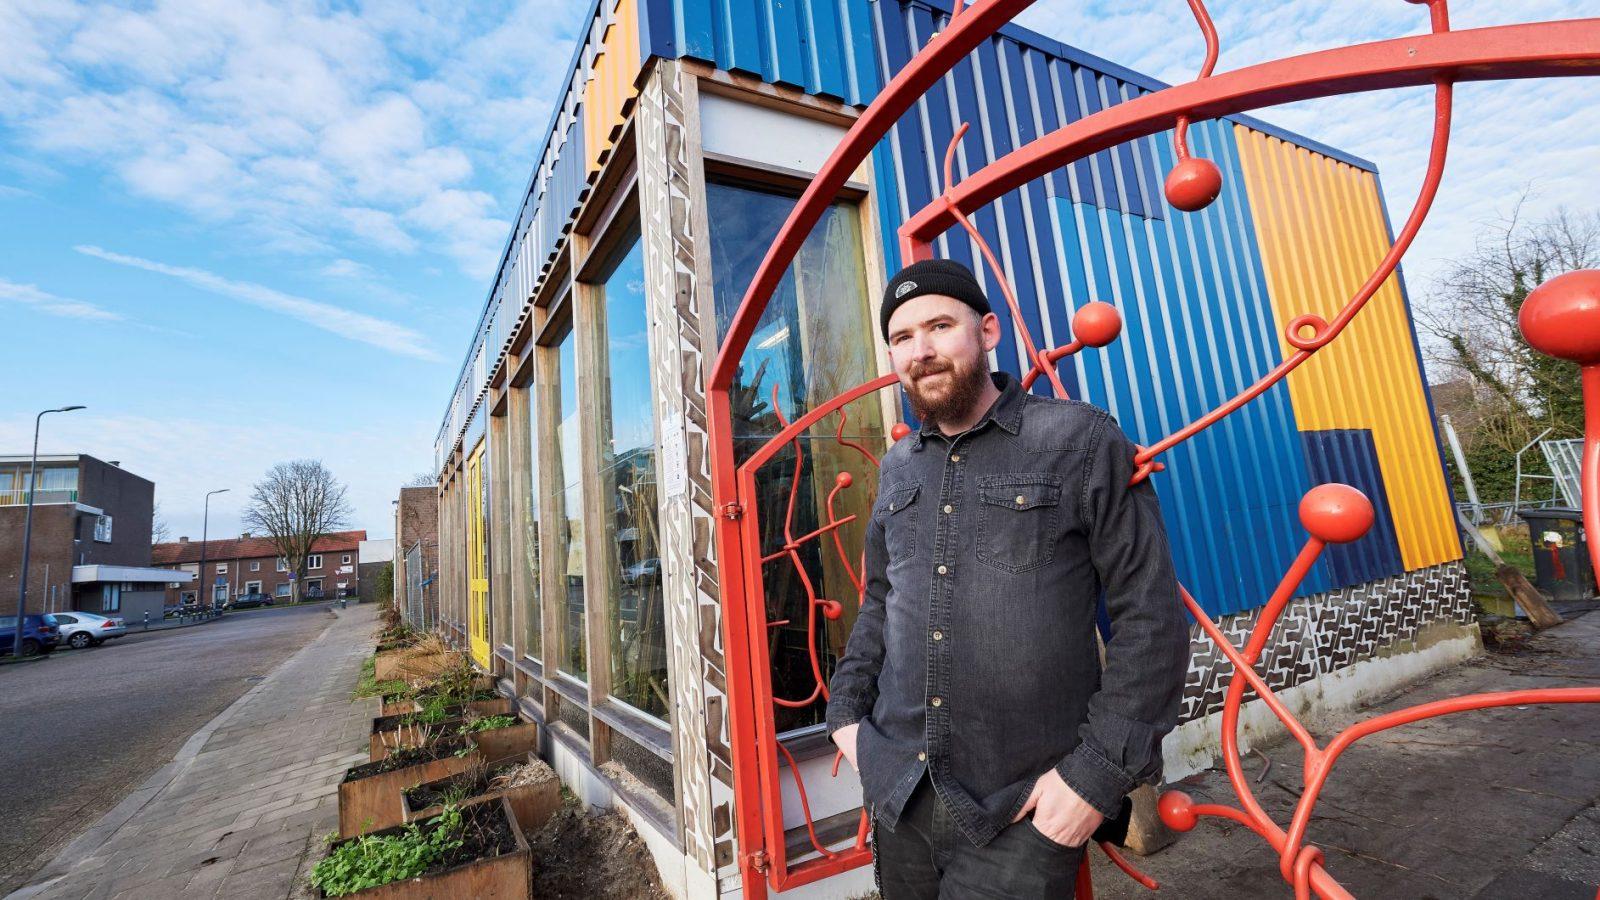 Corporatie werkt nauw samen met 'krakers' in circulair sociaal woningbouwproject